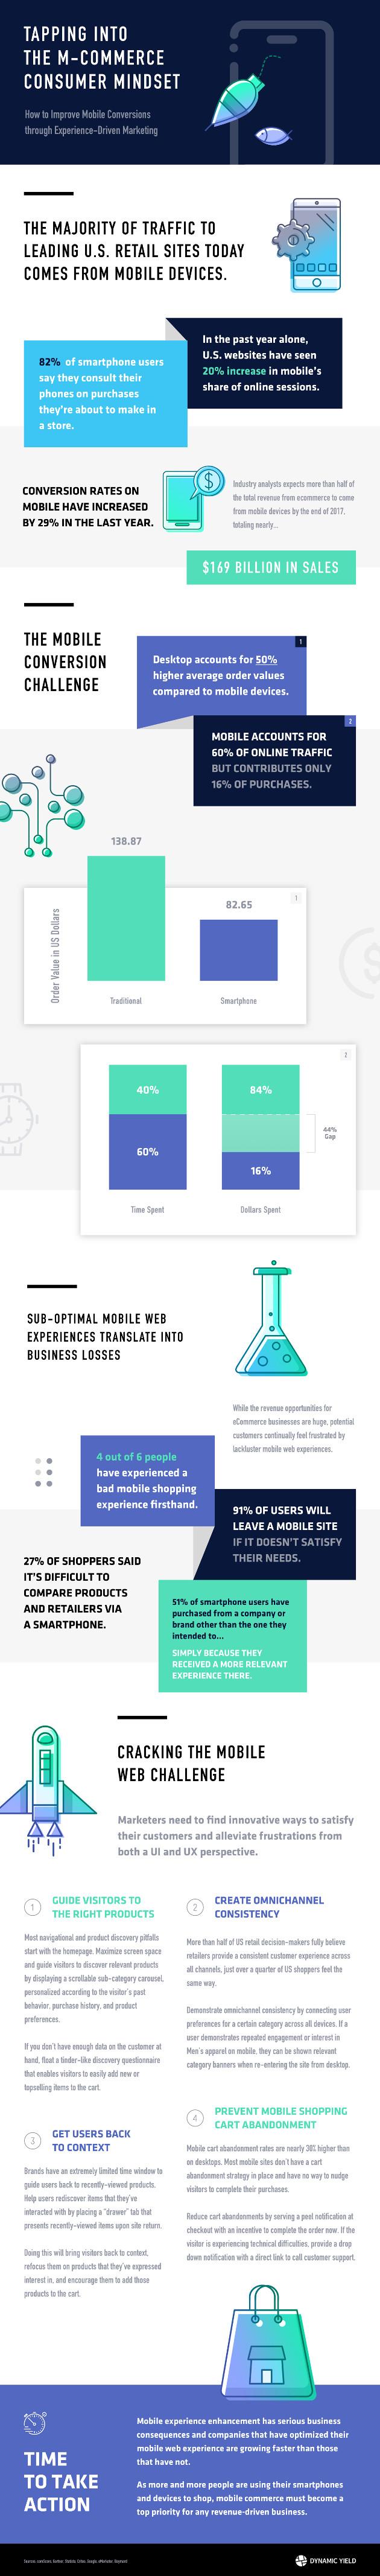 170201-infographic-mcommerce-consumer-mindset.jpg